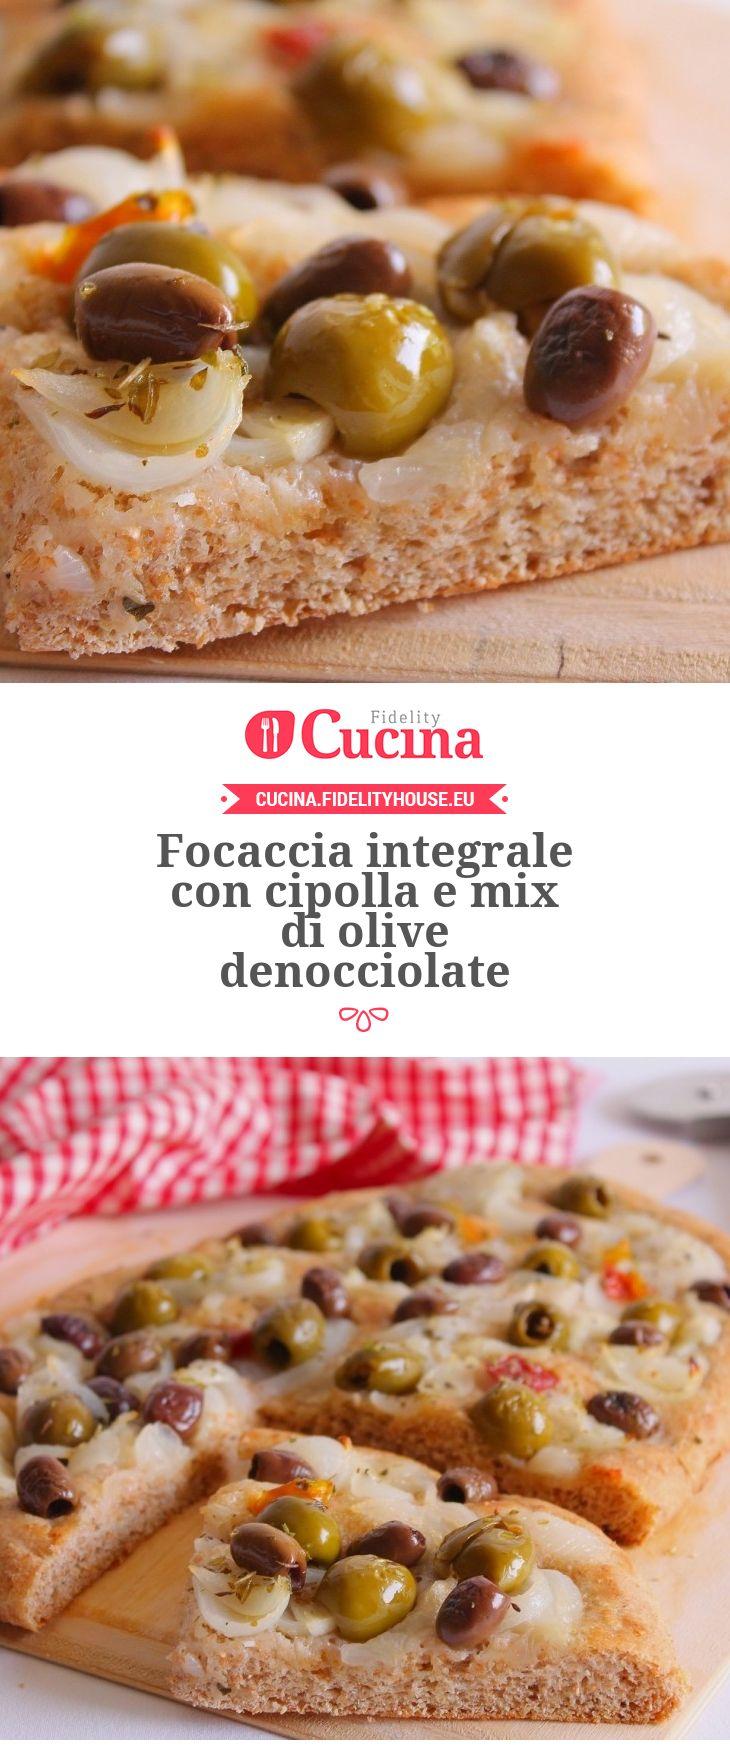 Focaccia integrale con cipolla e mix di olive denocciolate